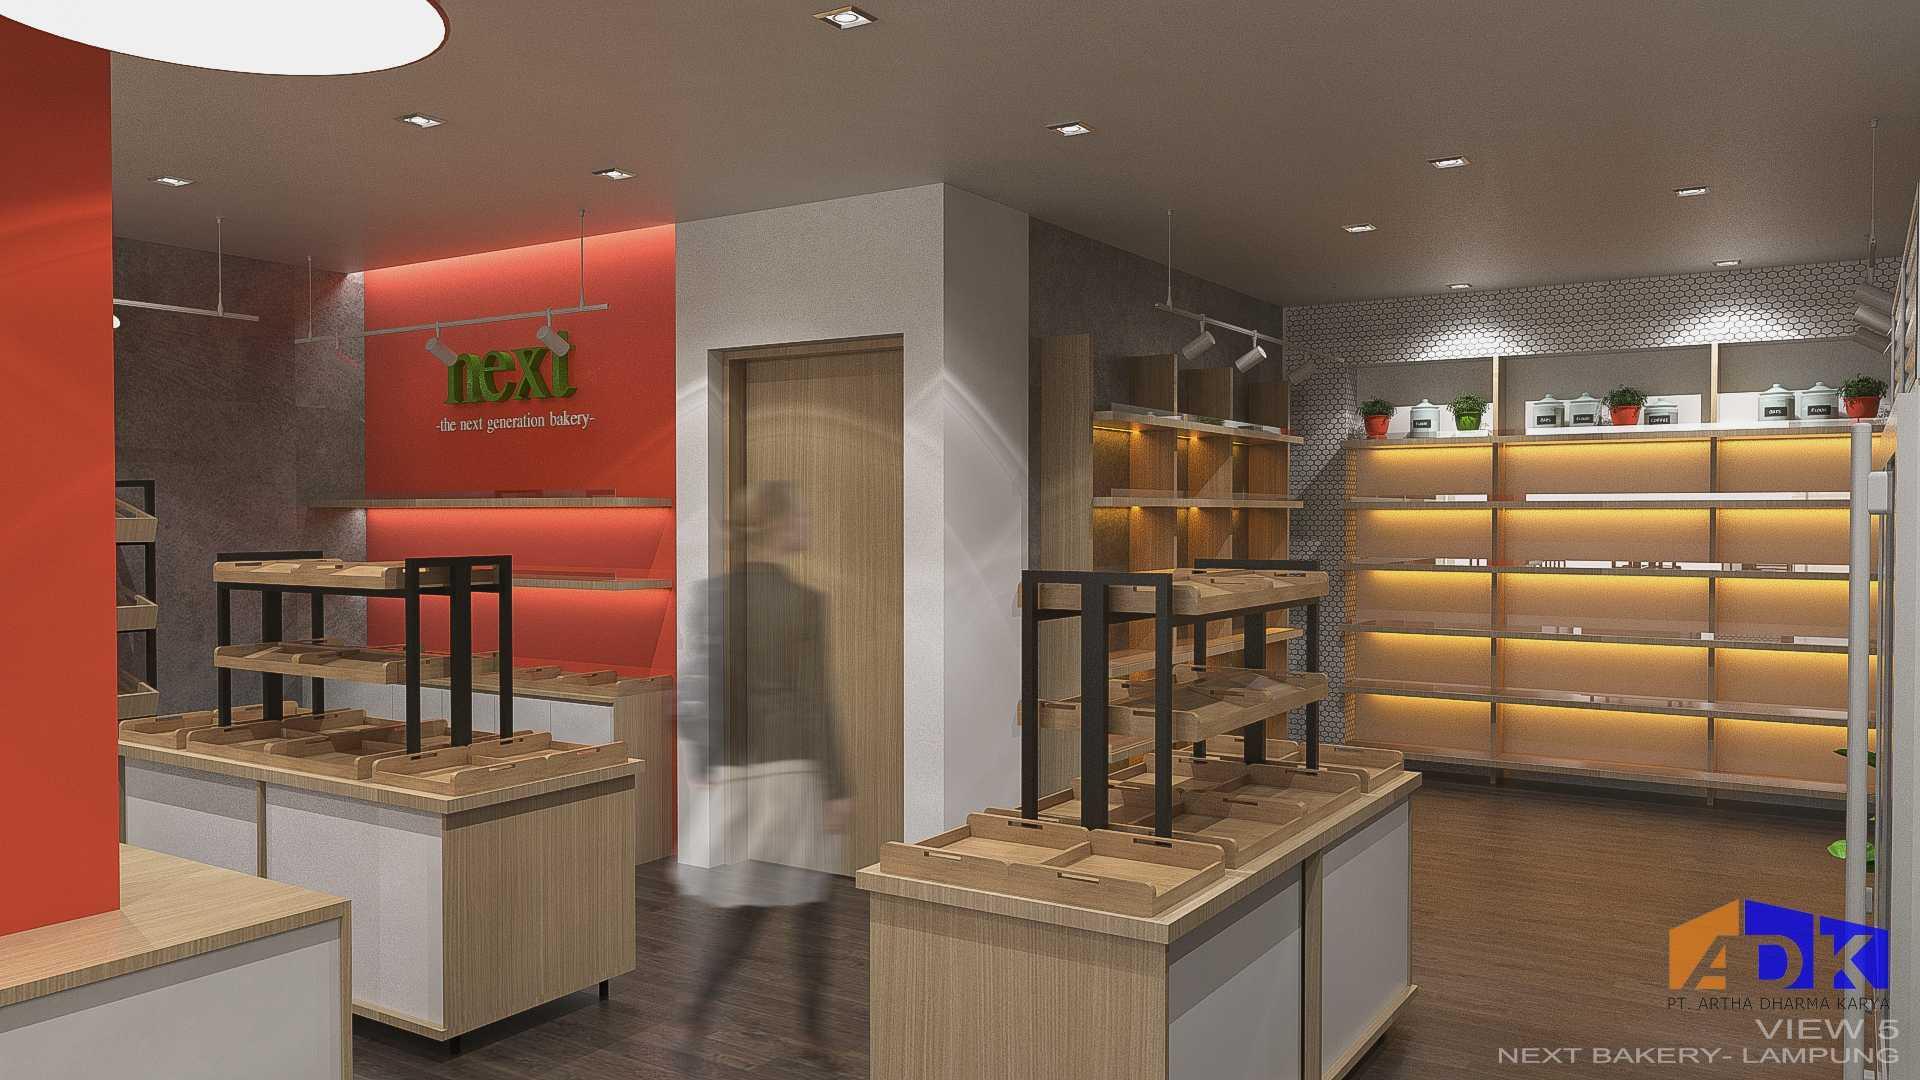 Artha Dharma Karya Design Next Bakery Bandar Lampung, Kota Bandar Lampung, Lampung, Indonesia Bandar Lampung, Kota Bandar Lampung, Lampung, Indonesia Artha-Dharma-Karya-Design-Next-Bakery  77056